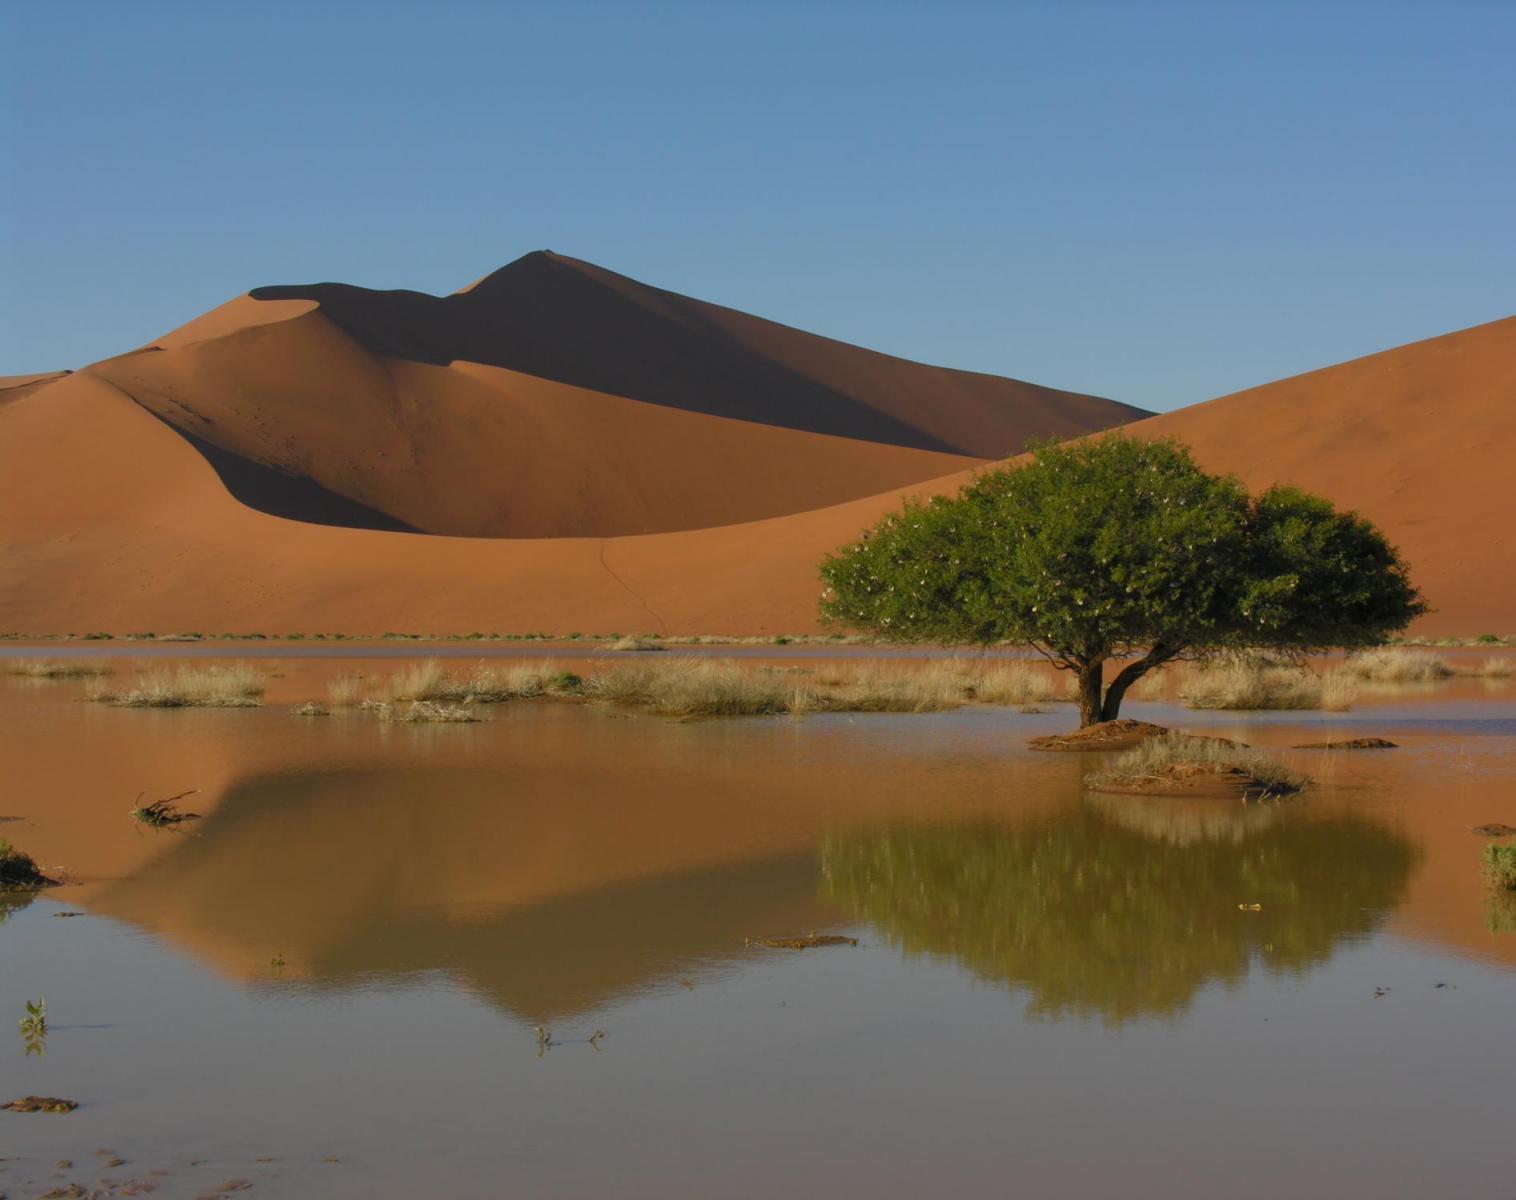 Namibie  Grand Trek dans le Namib   Observation nature Rencontres et cultures du Monde